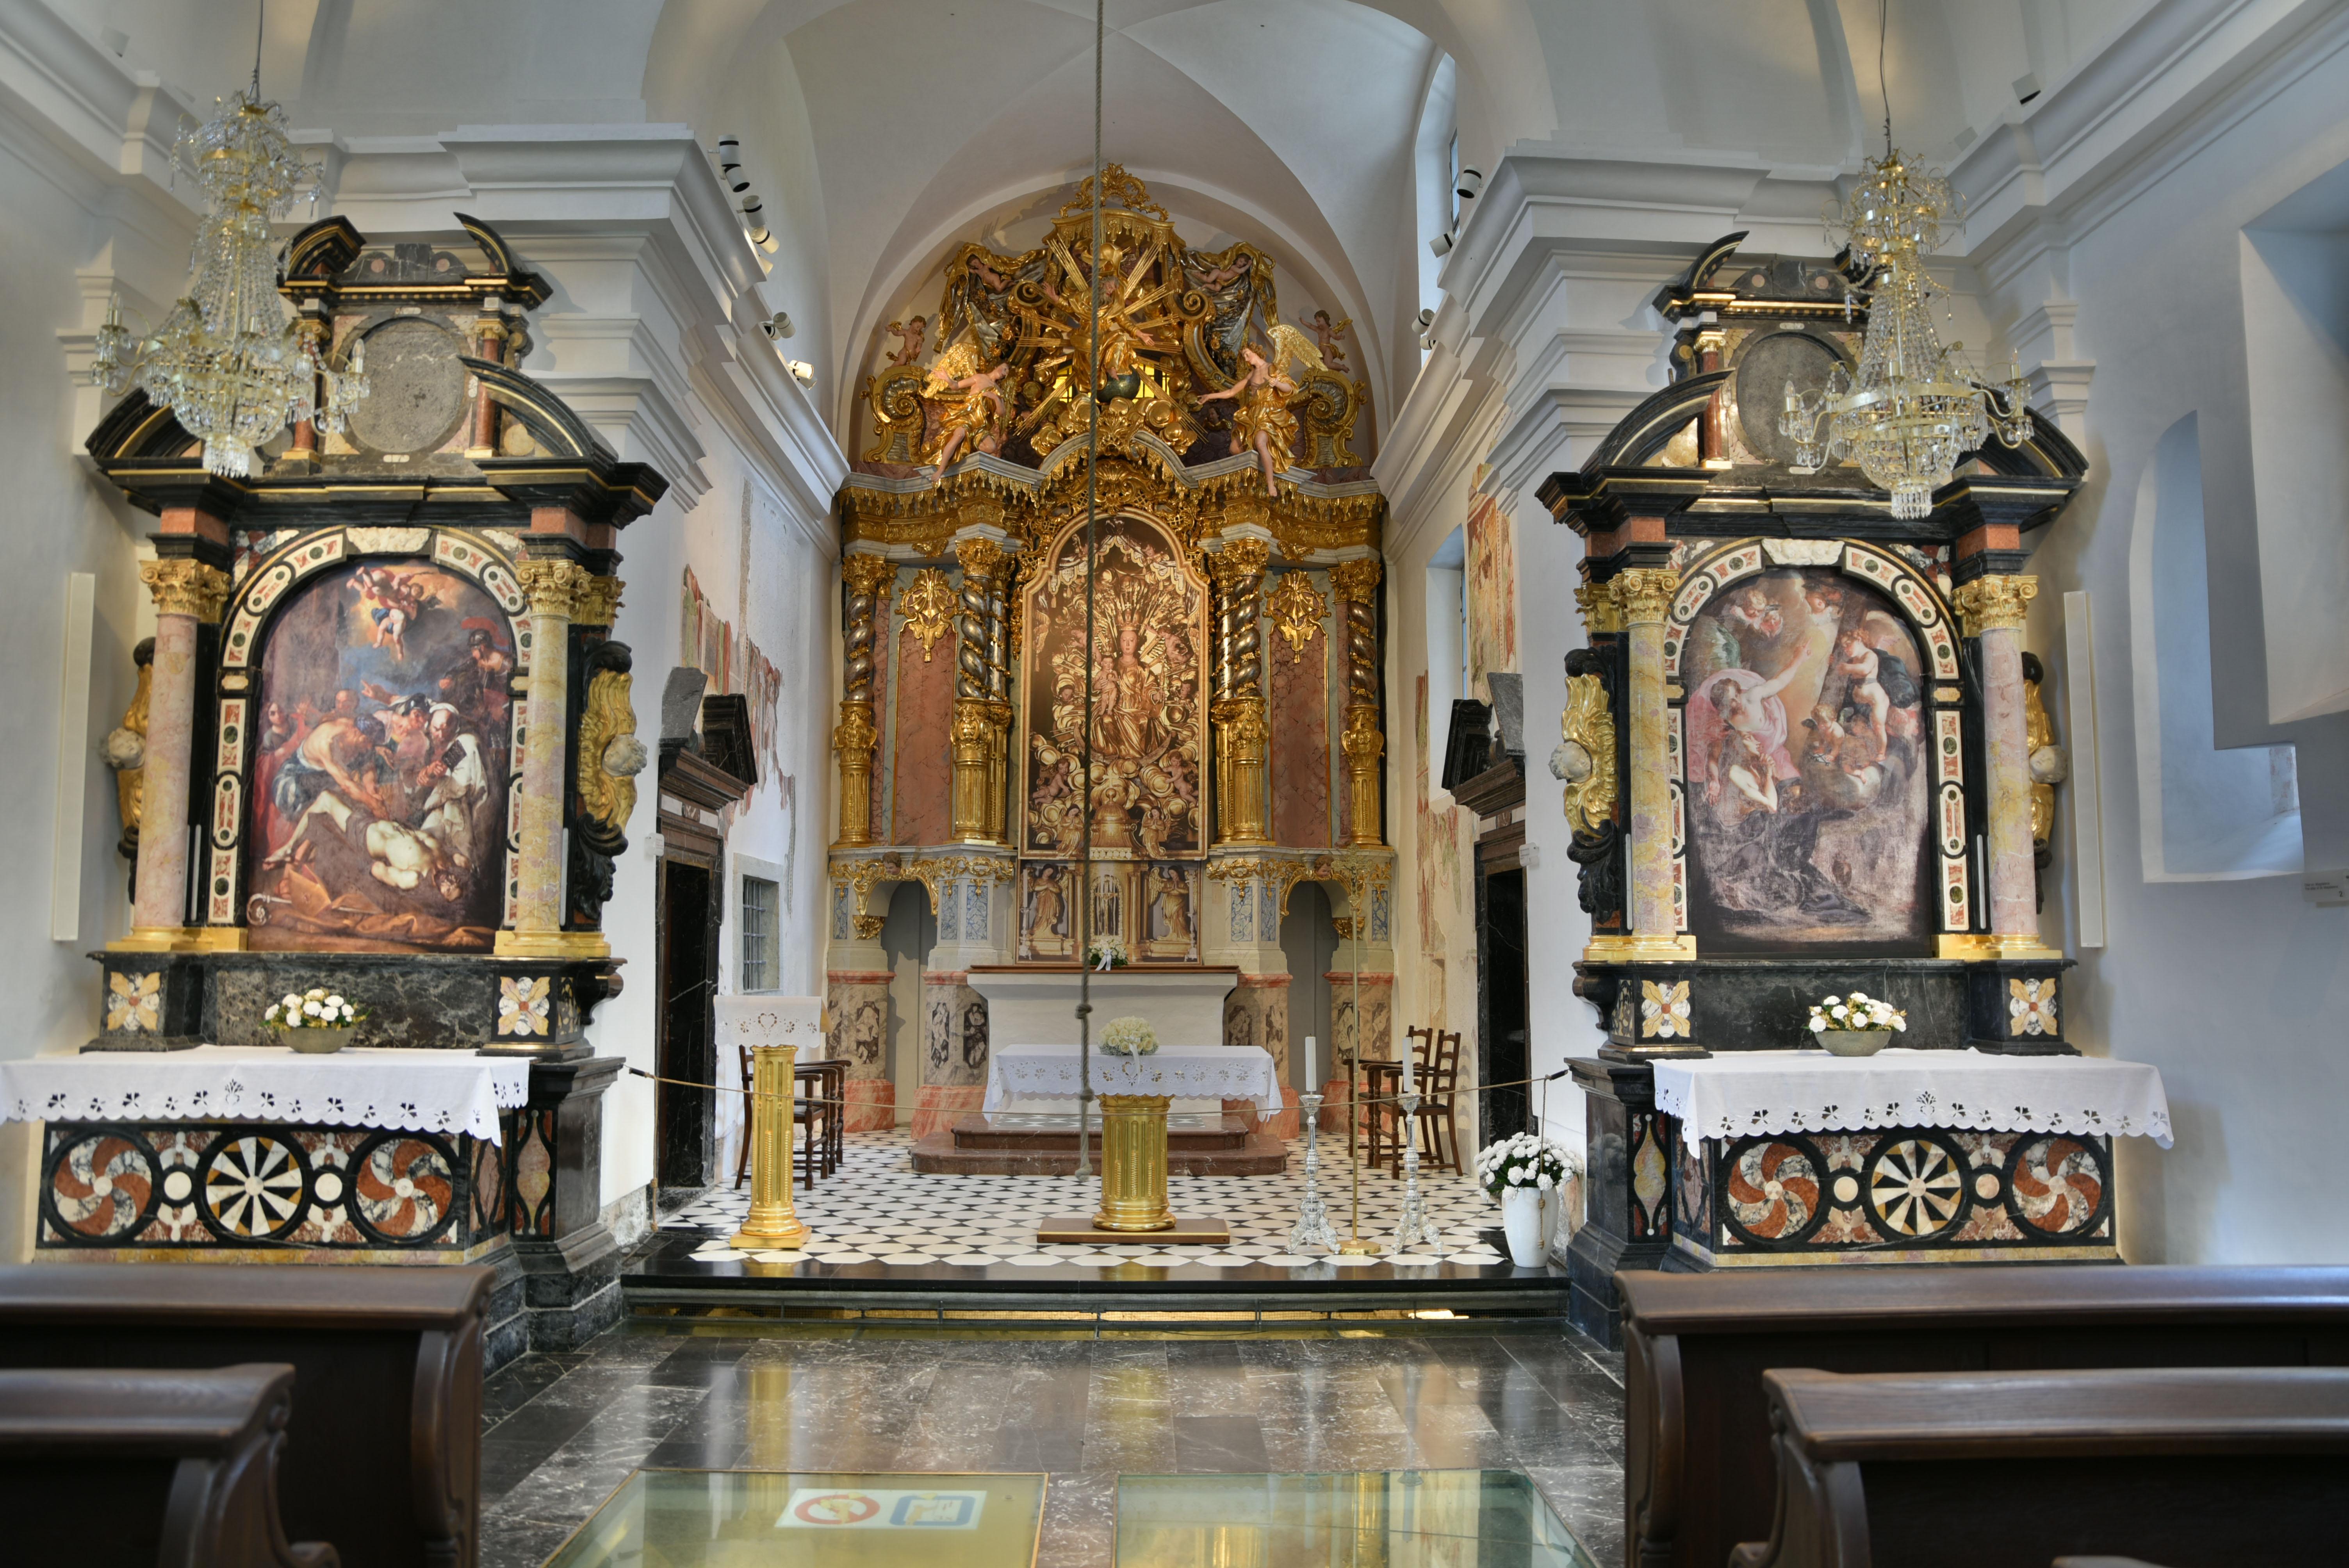 Mária mennybemenetel templom, itt lehet kívánság harangot kongatni<br />Sandor Adasz Photography<br />All right reserved